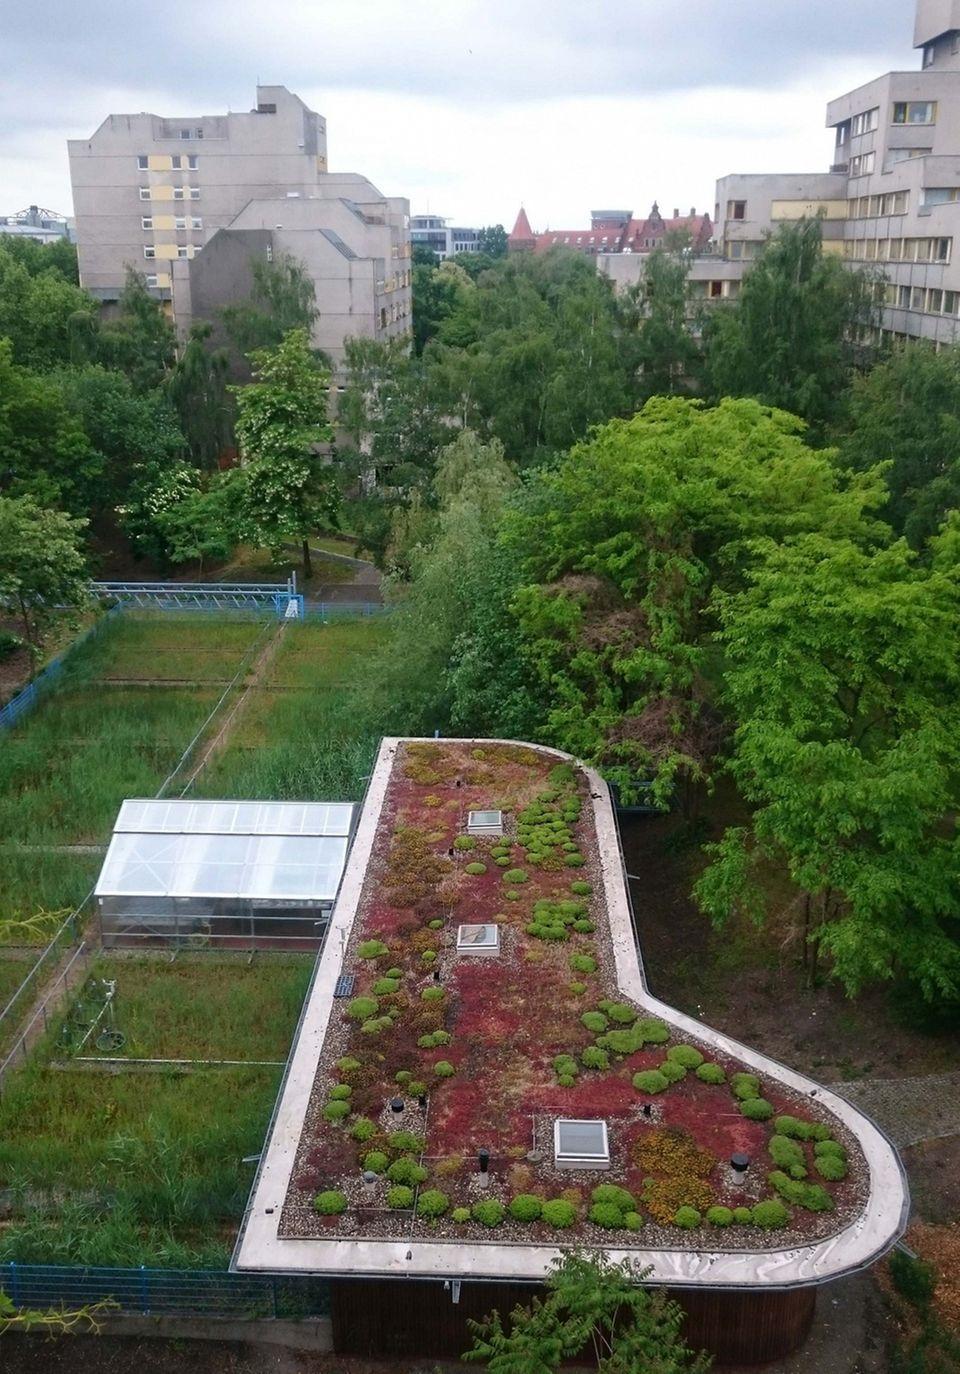 Grüne Oase dank Abwasser: Das Gemüse wird mit afbereitetem Grauwasser bewässert und gedüngt